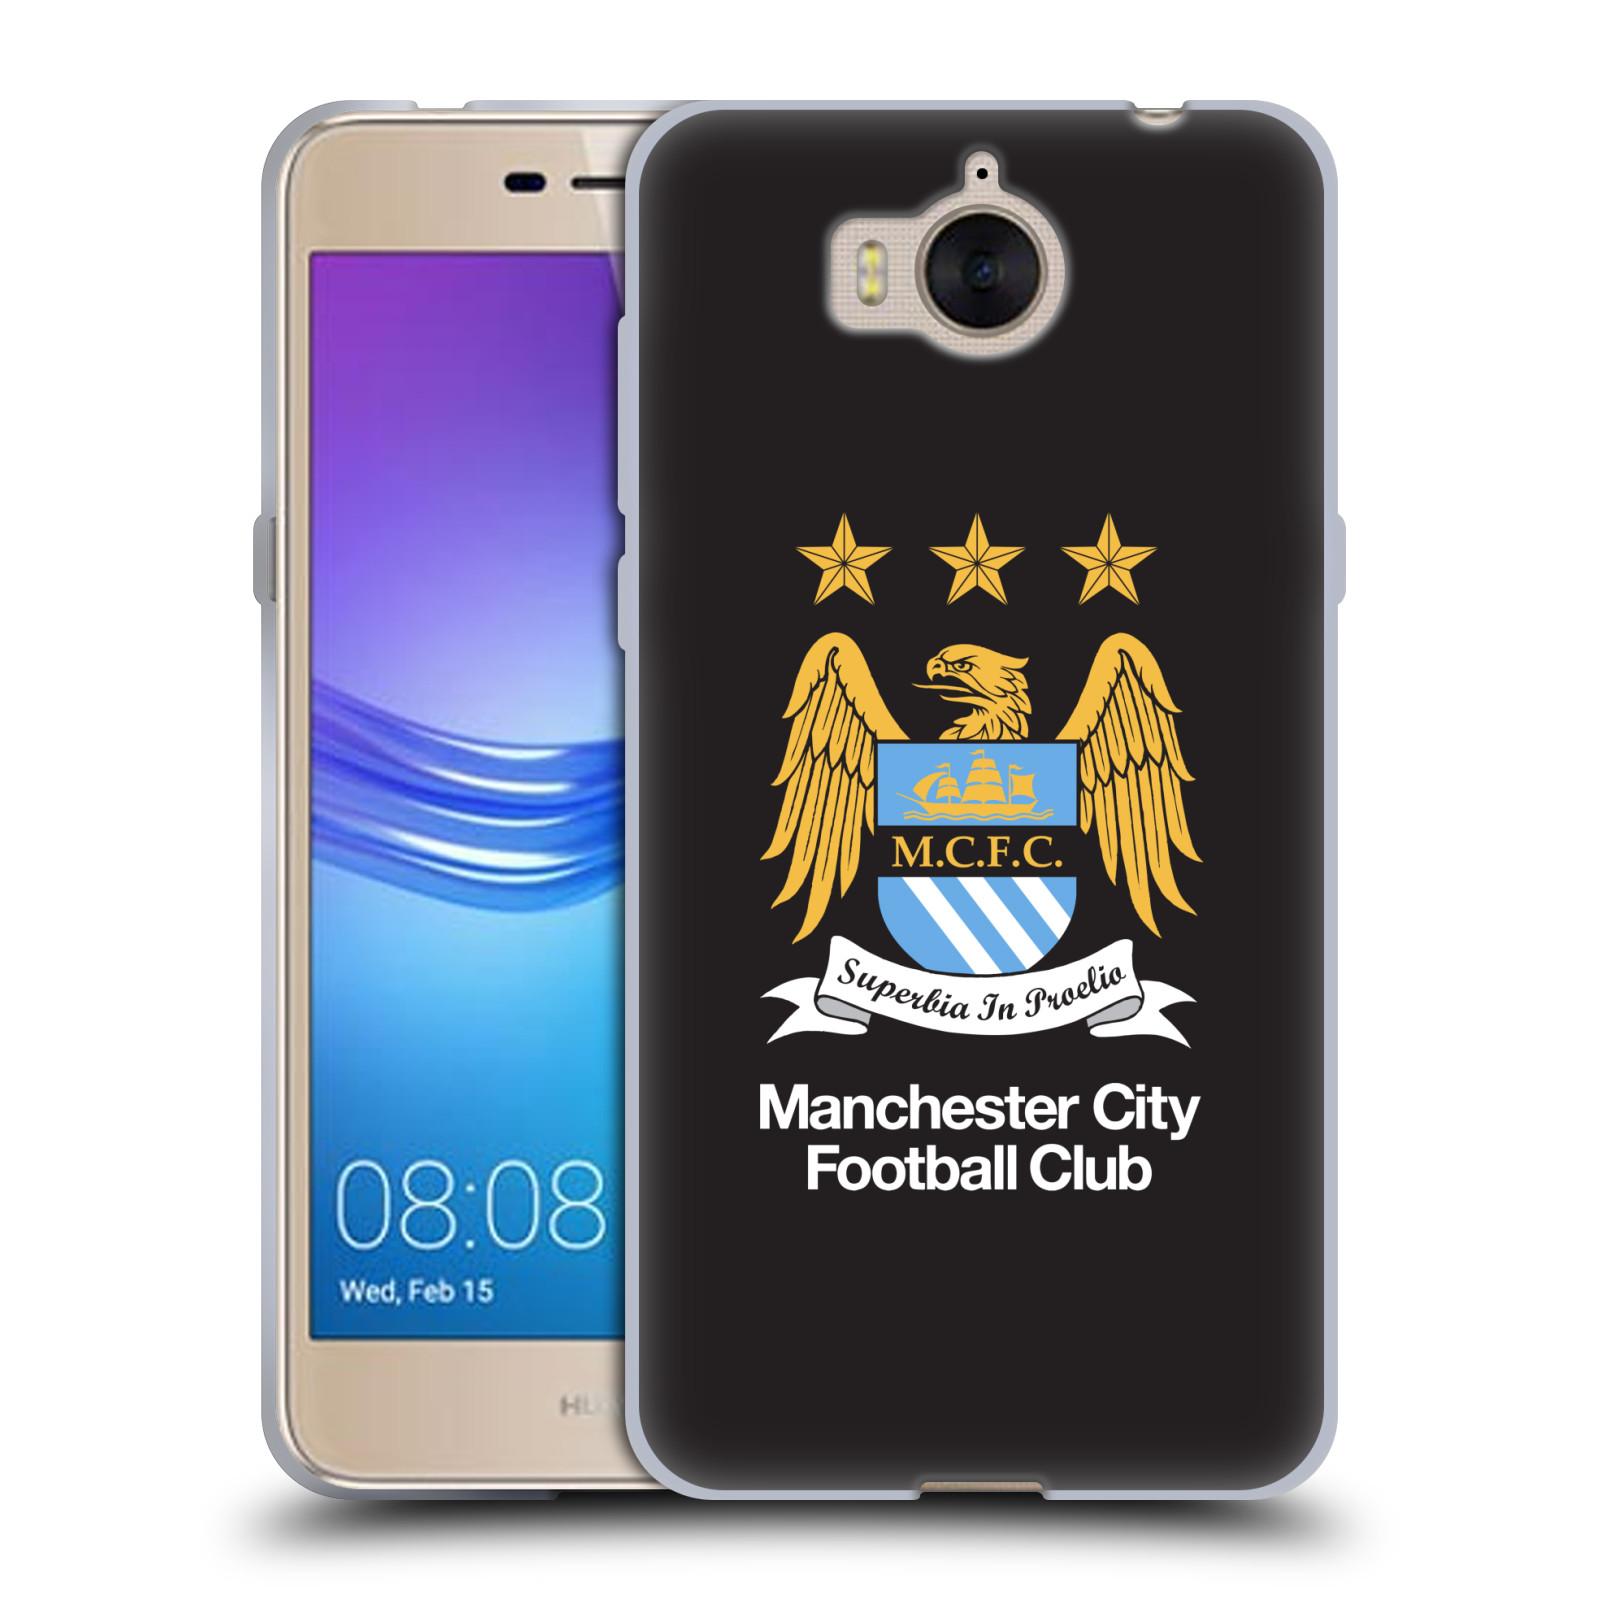 HEAD CASE silikonový obal na mobil Huawei Y5 2017 Fotbalový klub Manchester City černé pozadí velký znak